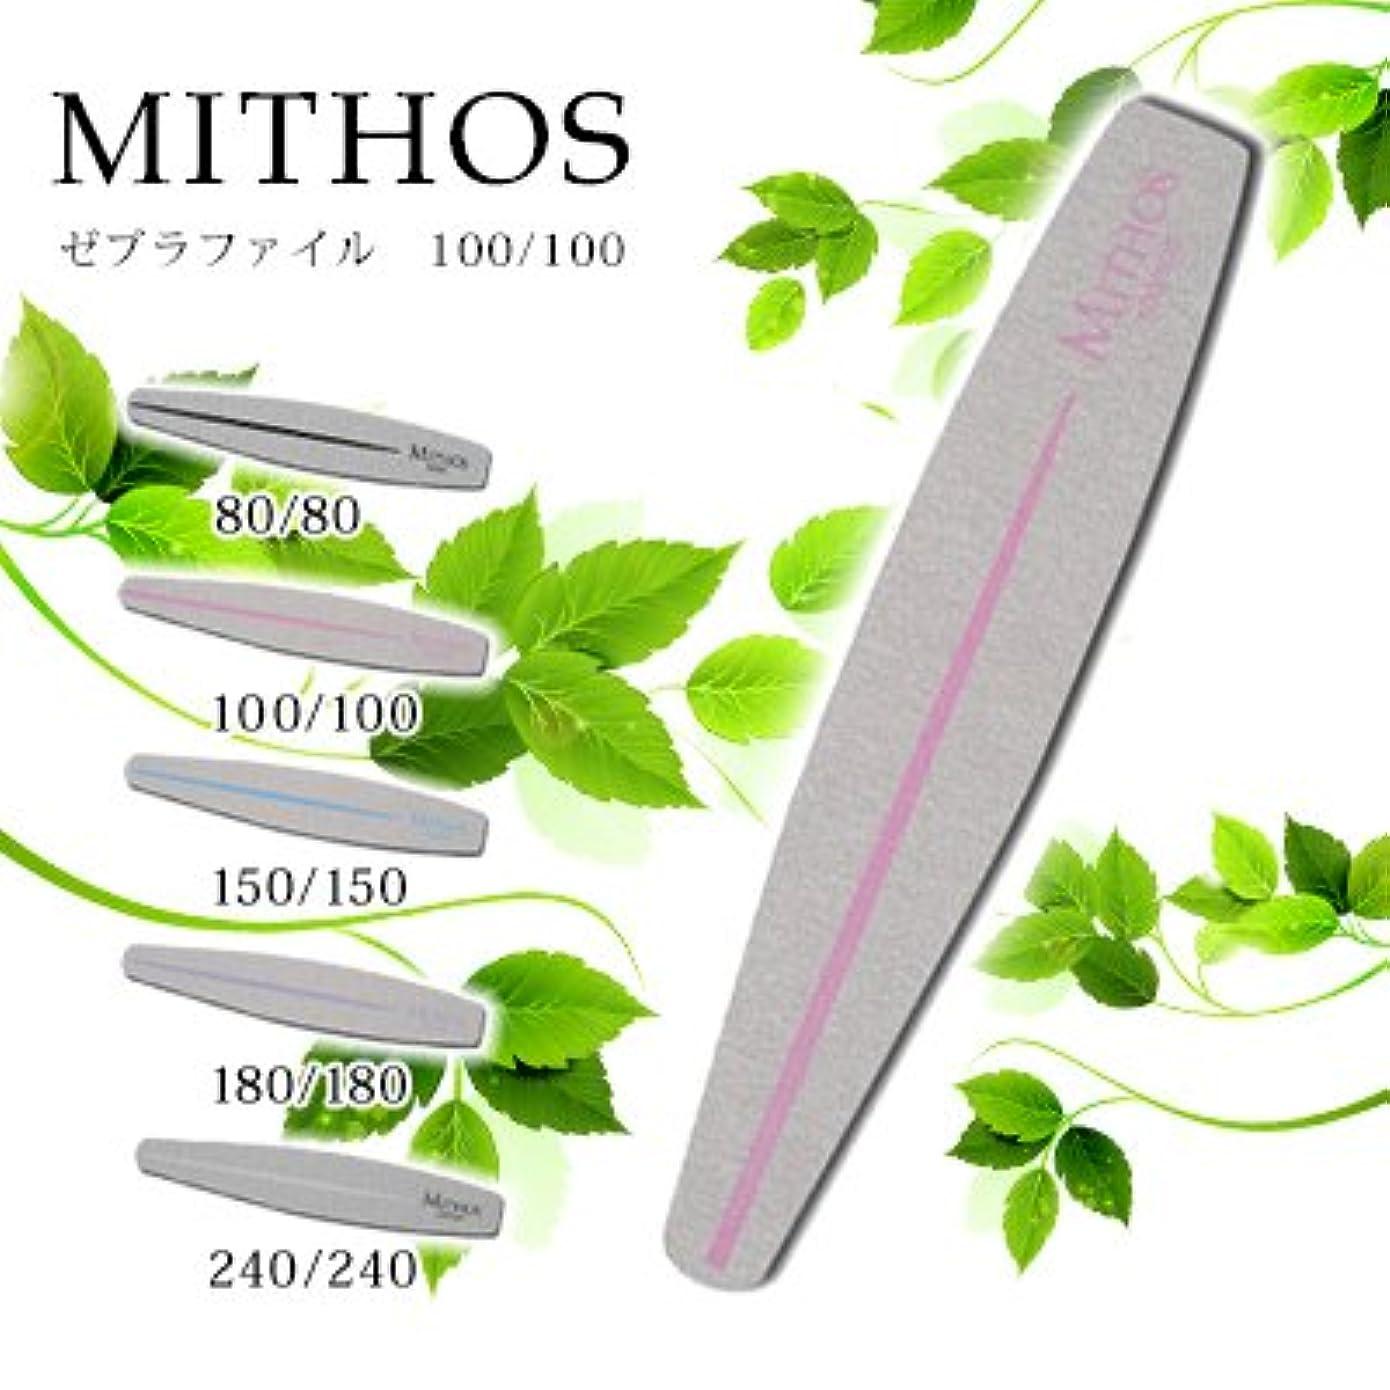 に向かって間隔原因ミトス MITHOS セブラファイル 100/100